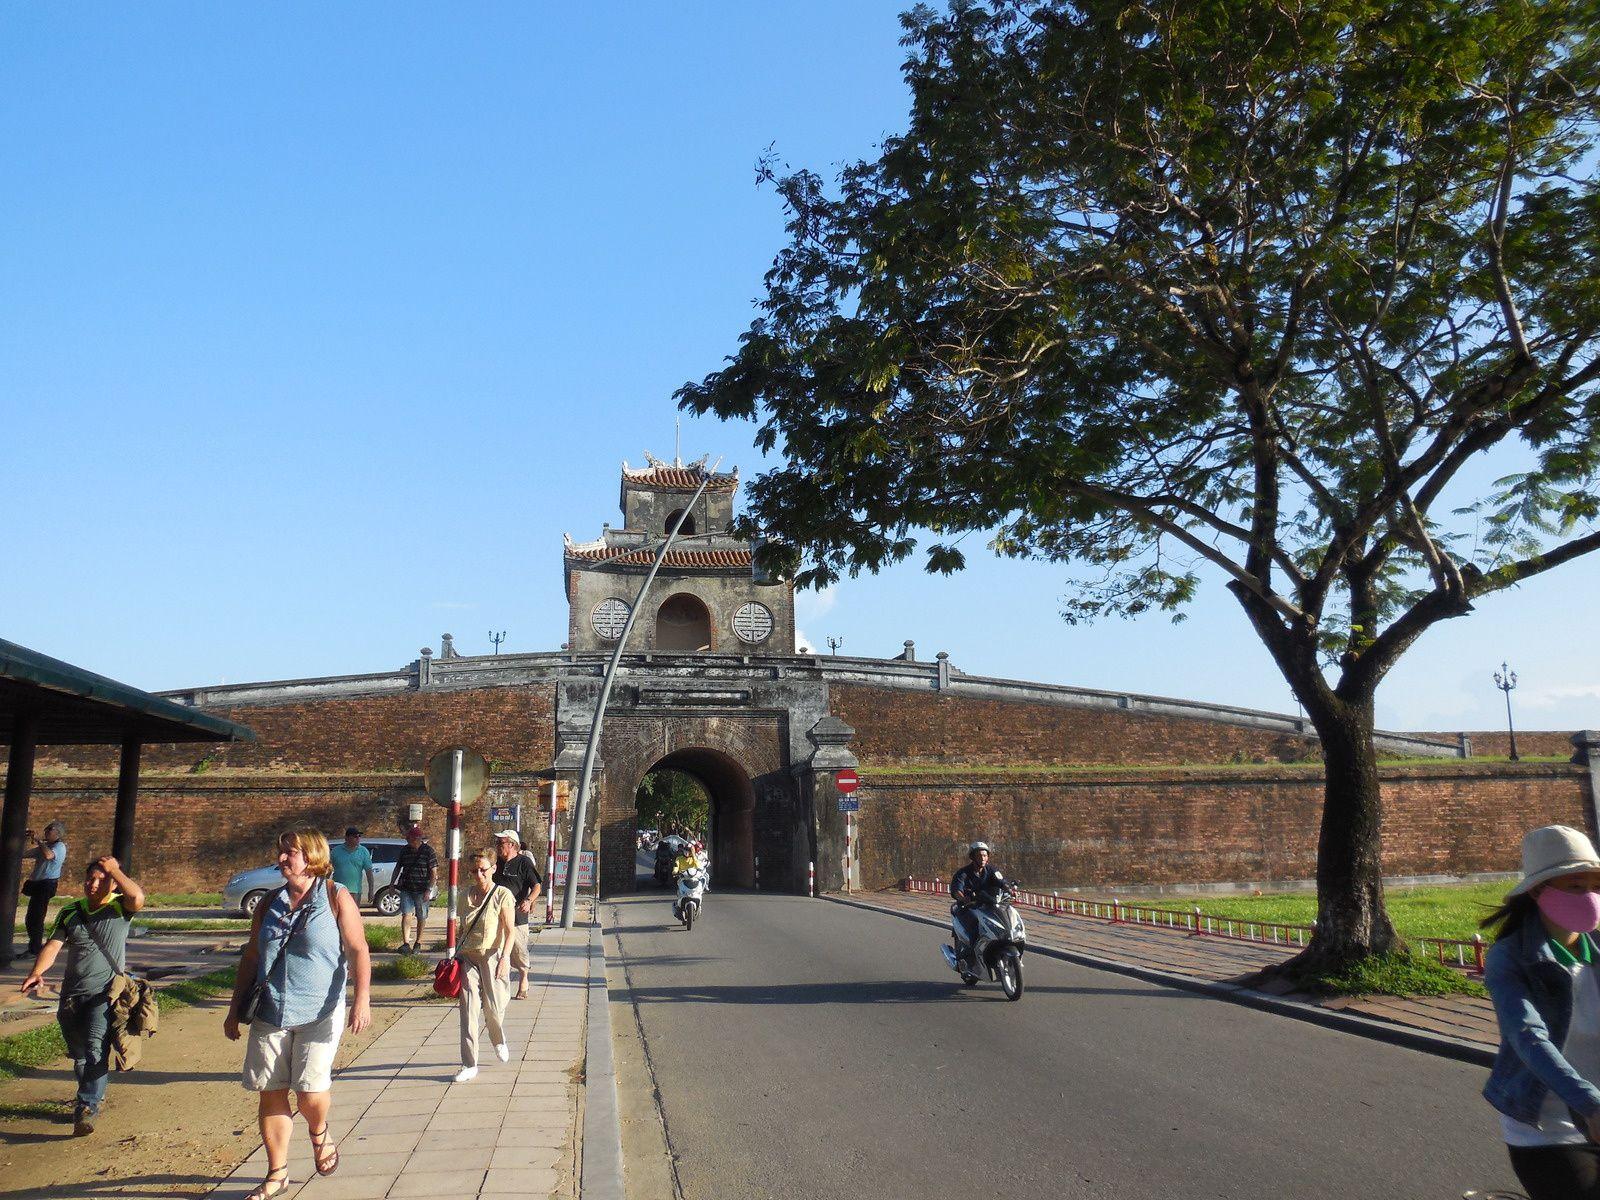 Une des porte-enceinte de la citadelle:  le pont Phu Xuan.